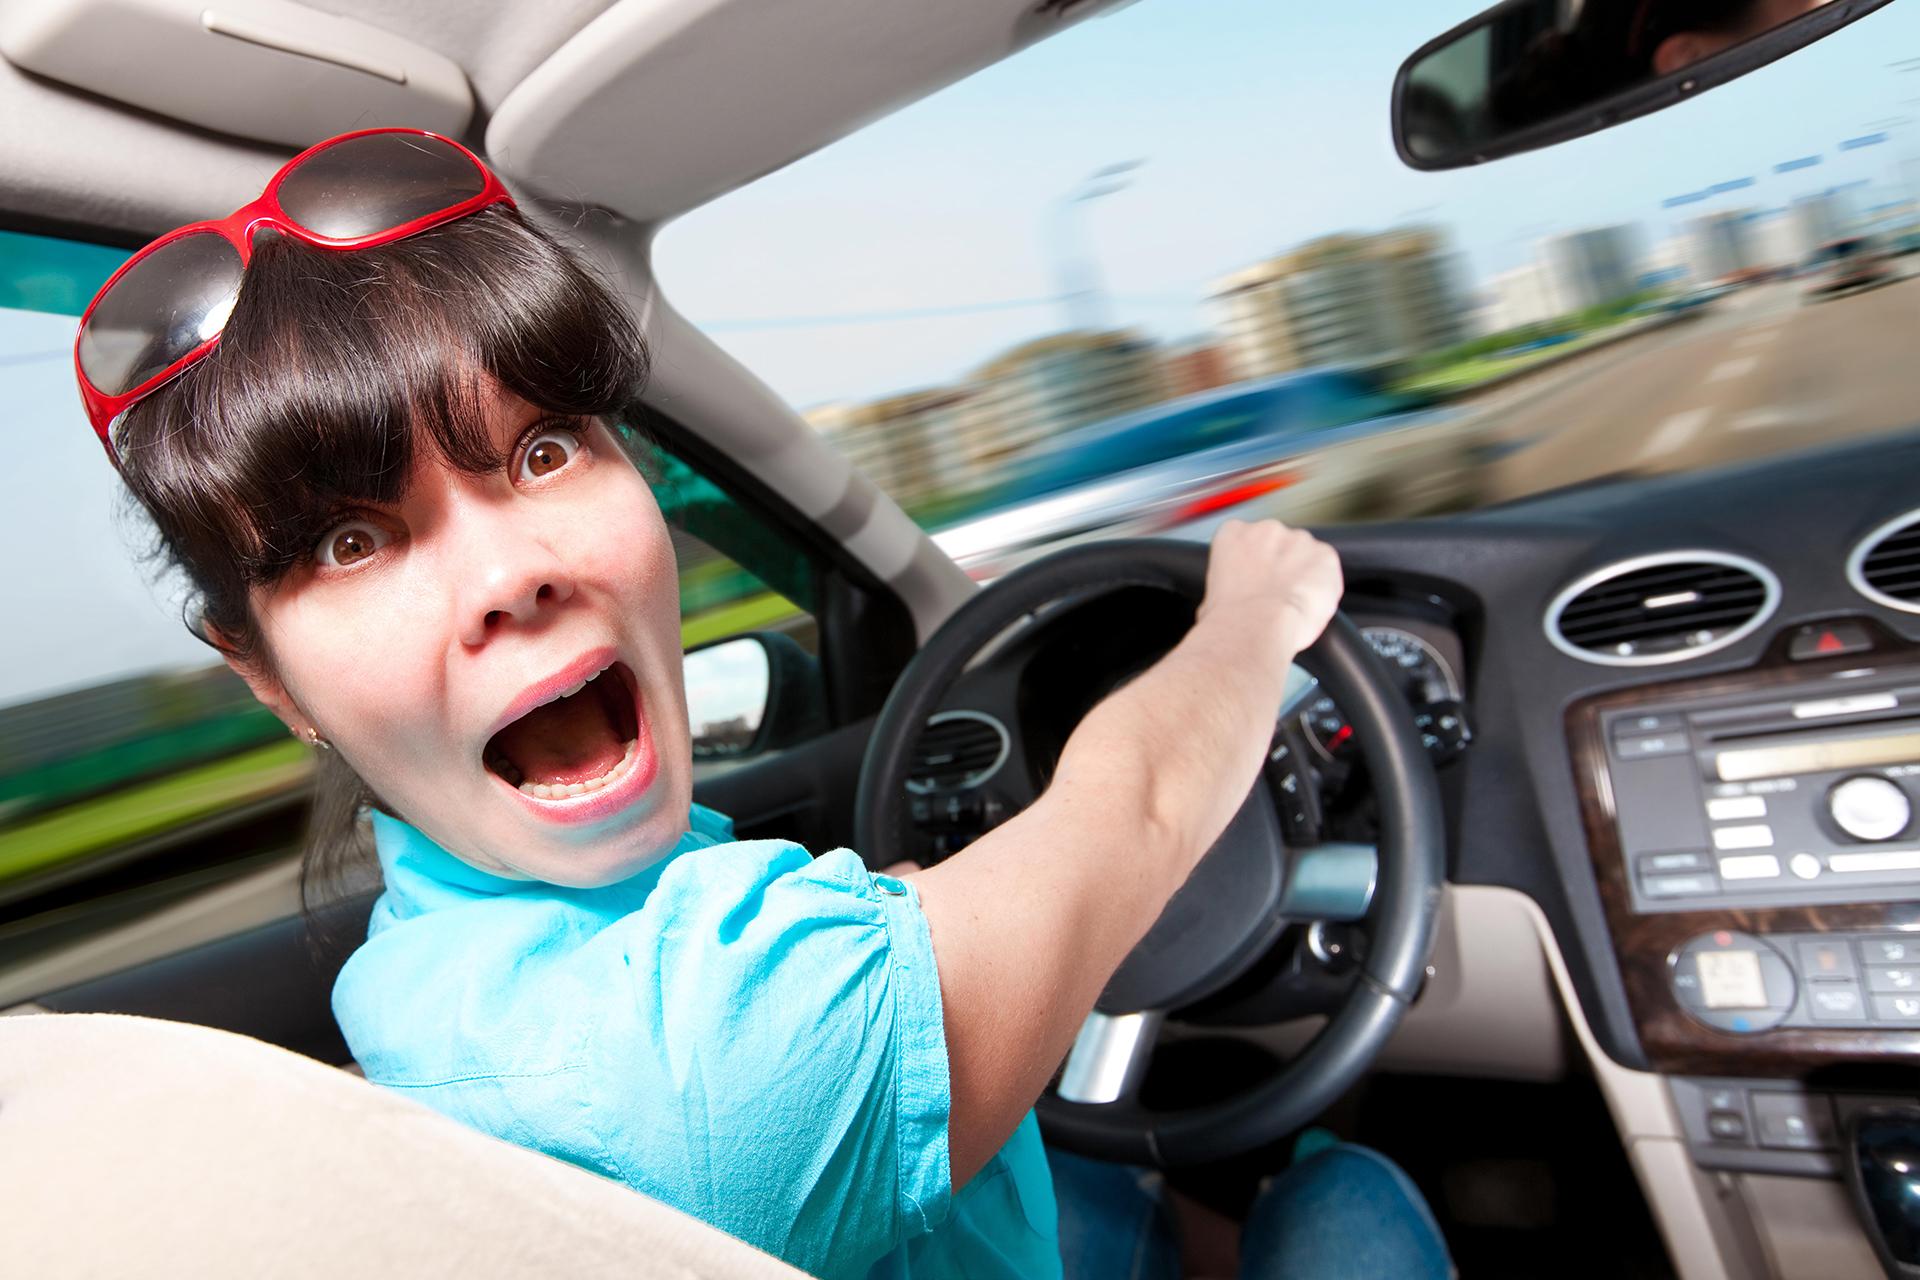 Водитель веселые картинки, компания картинки смешные